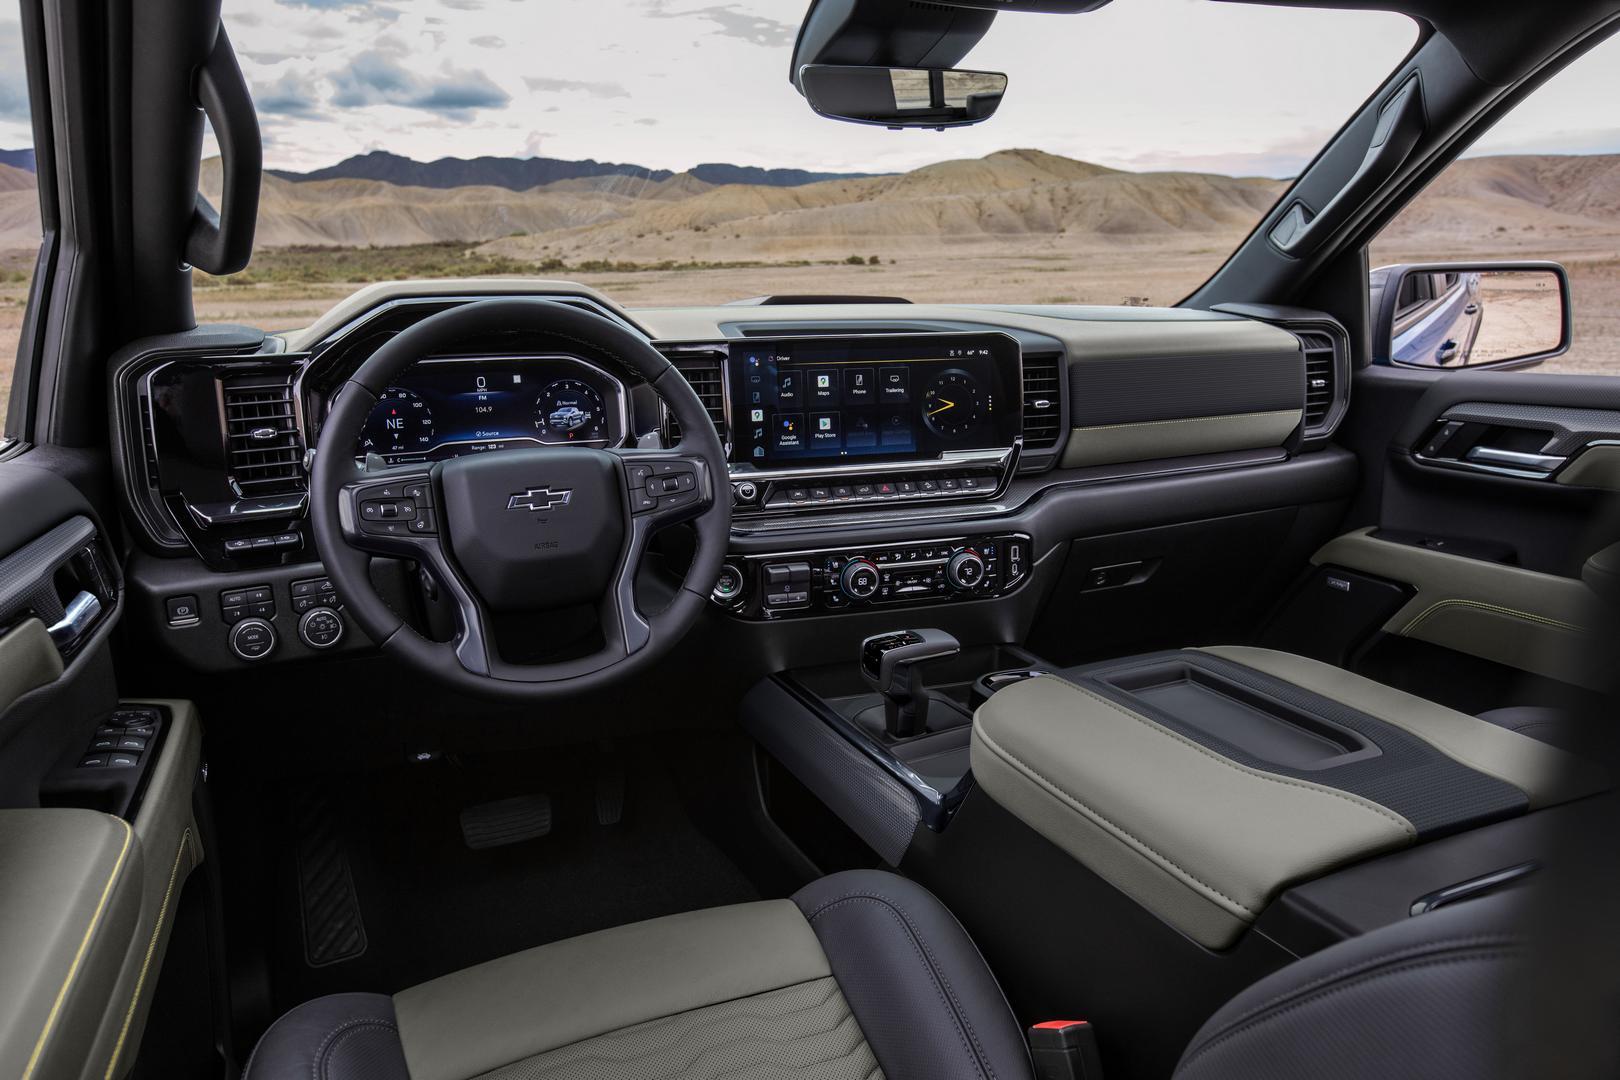 2022 Silverado ZR2 interior